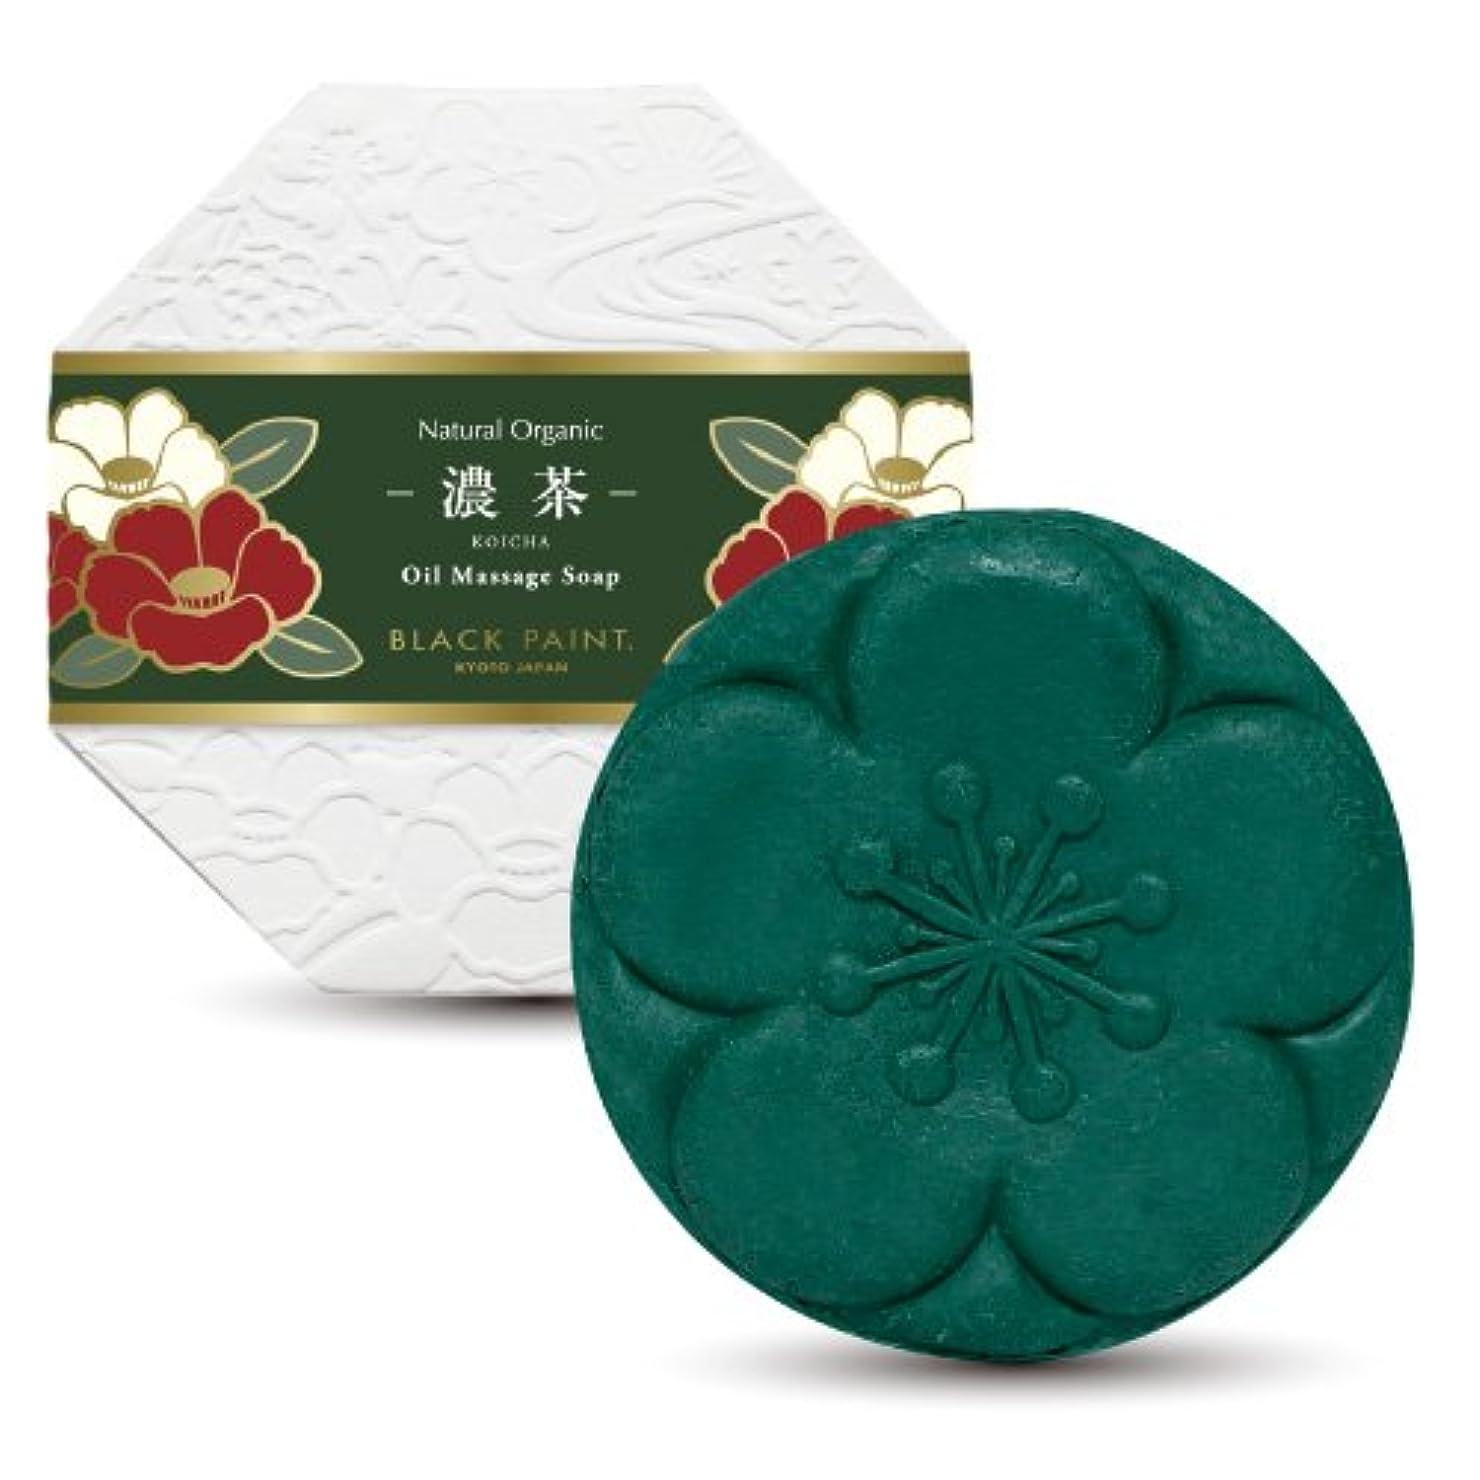 アイスクリームがっかりするくびれた京のお茶石鹸 濃茶 120g 塗る石鹸